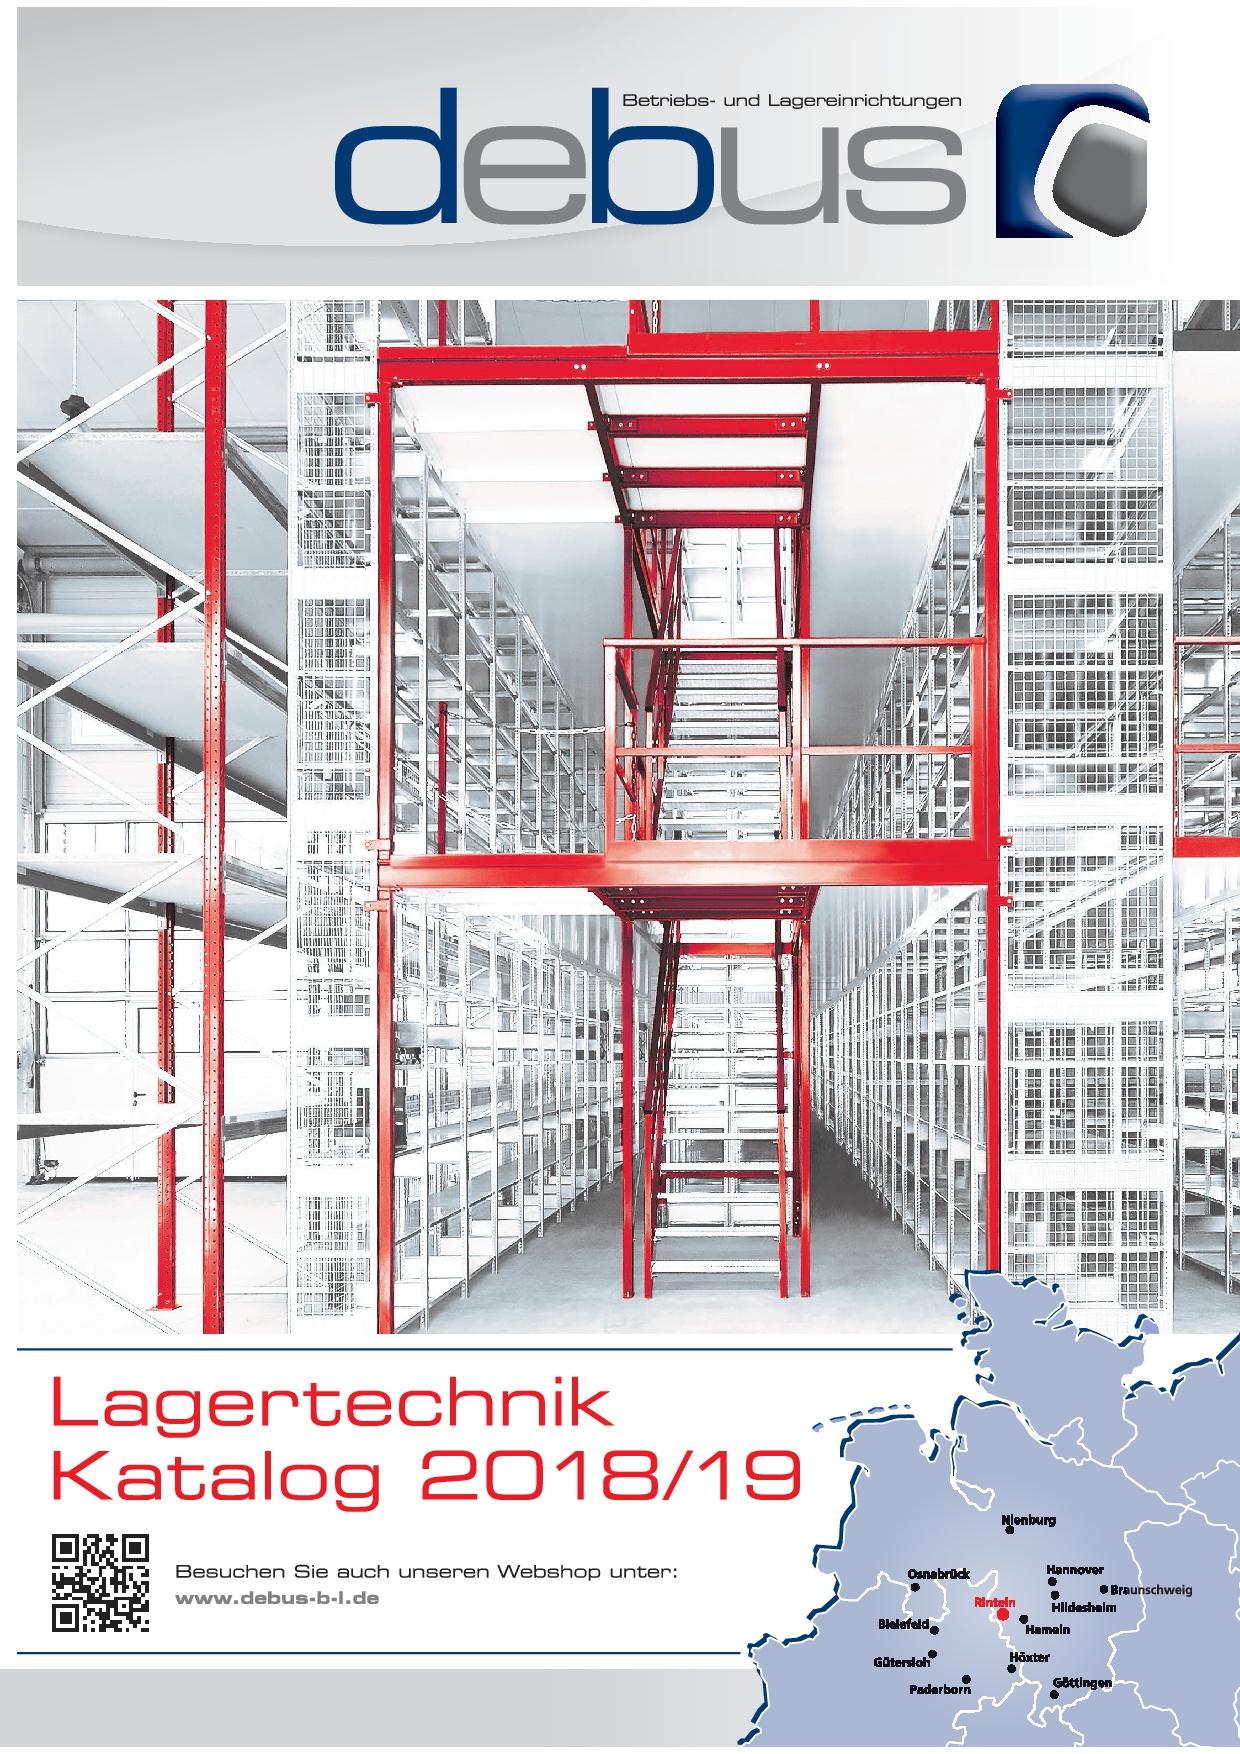 DEBUS Lagertechnik 2018/2019